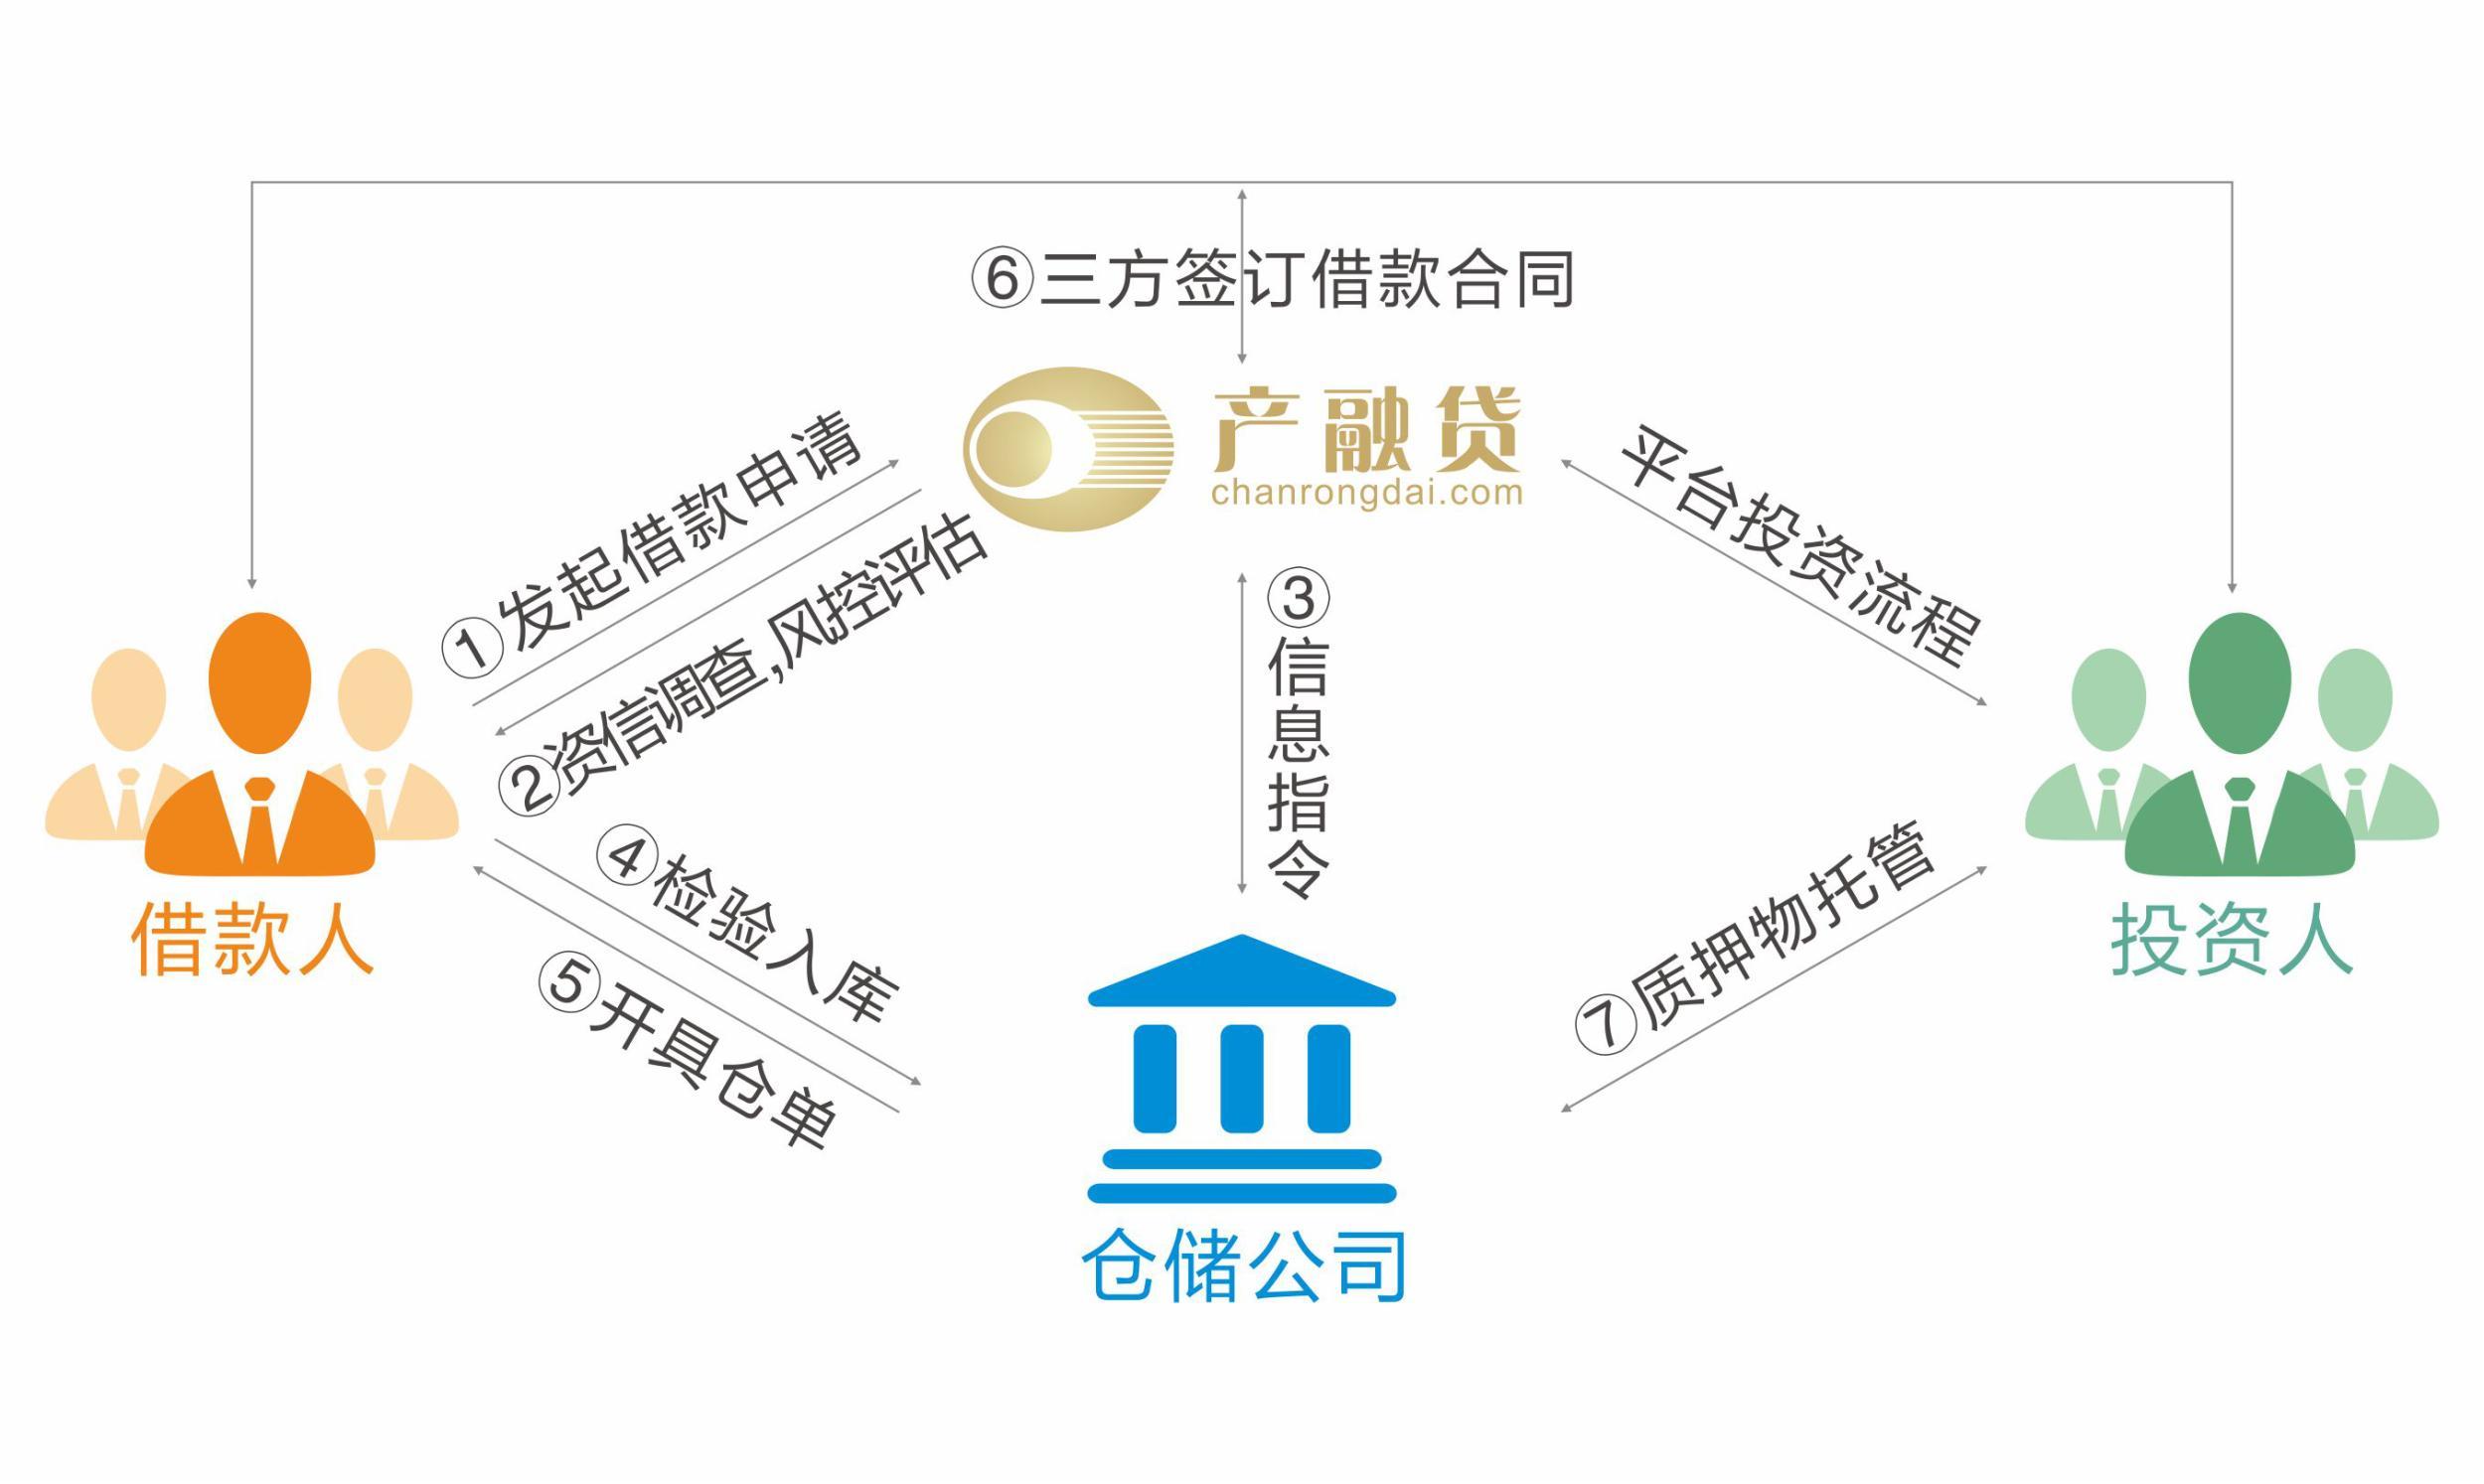 回归互联网金融本质 产融贷发力红木产业链金融